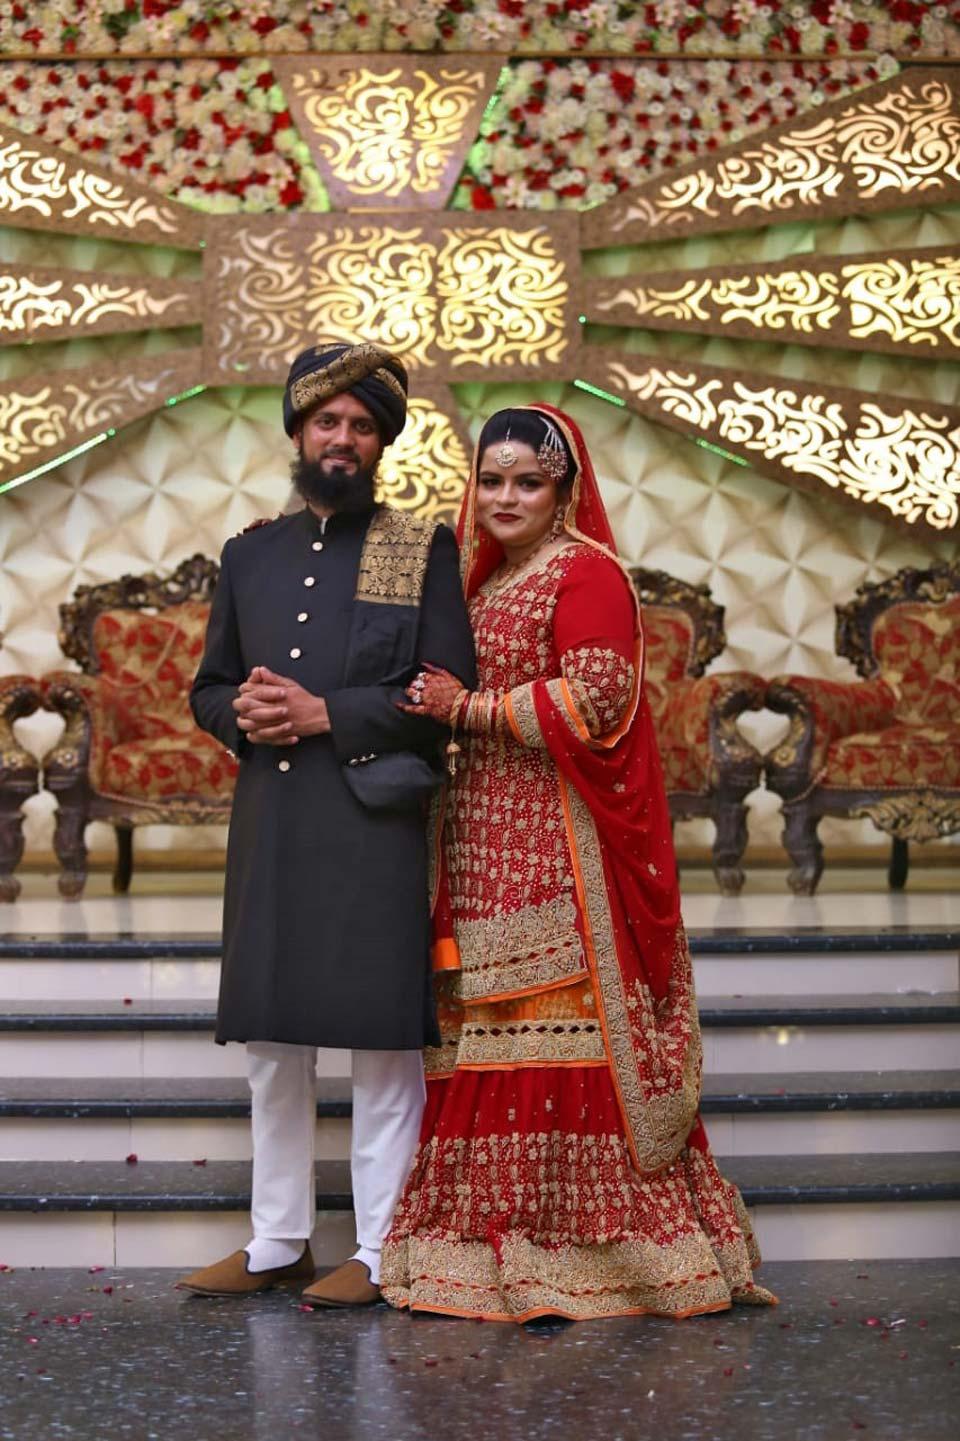 Muhammad Zubair Sultani (Groom) and Umaima Abdul Bari (Bride)